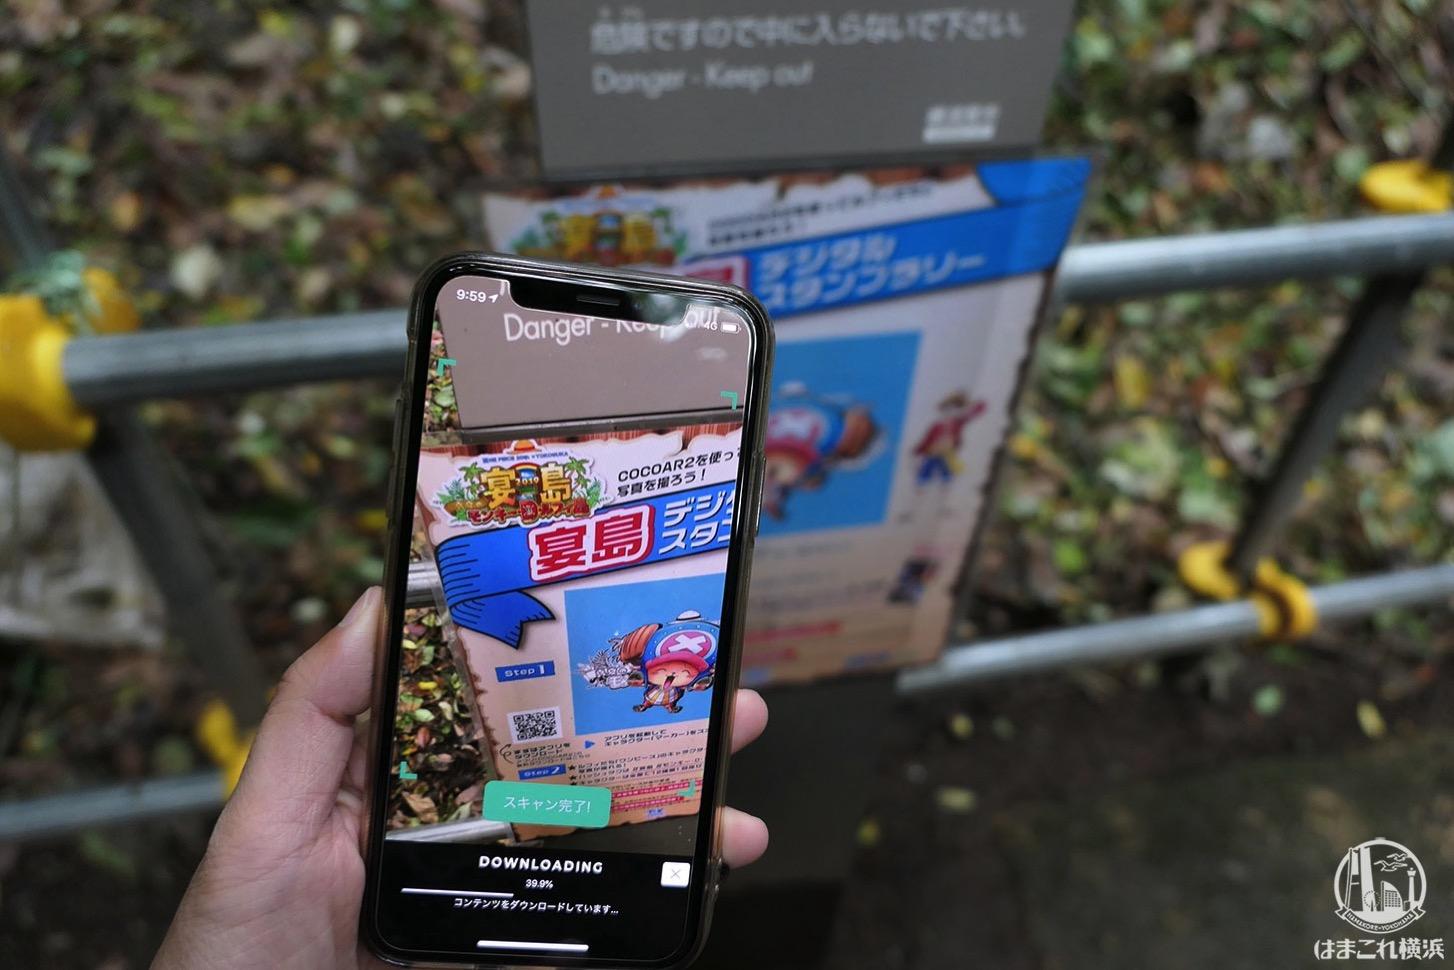 宴島(猿島)散策 スマホアプリと連動のデジタルスタンプラリー